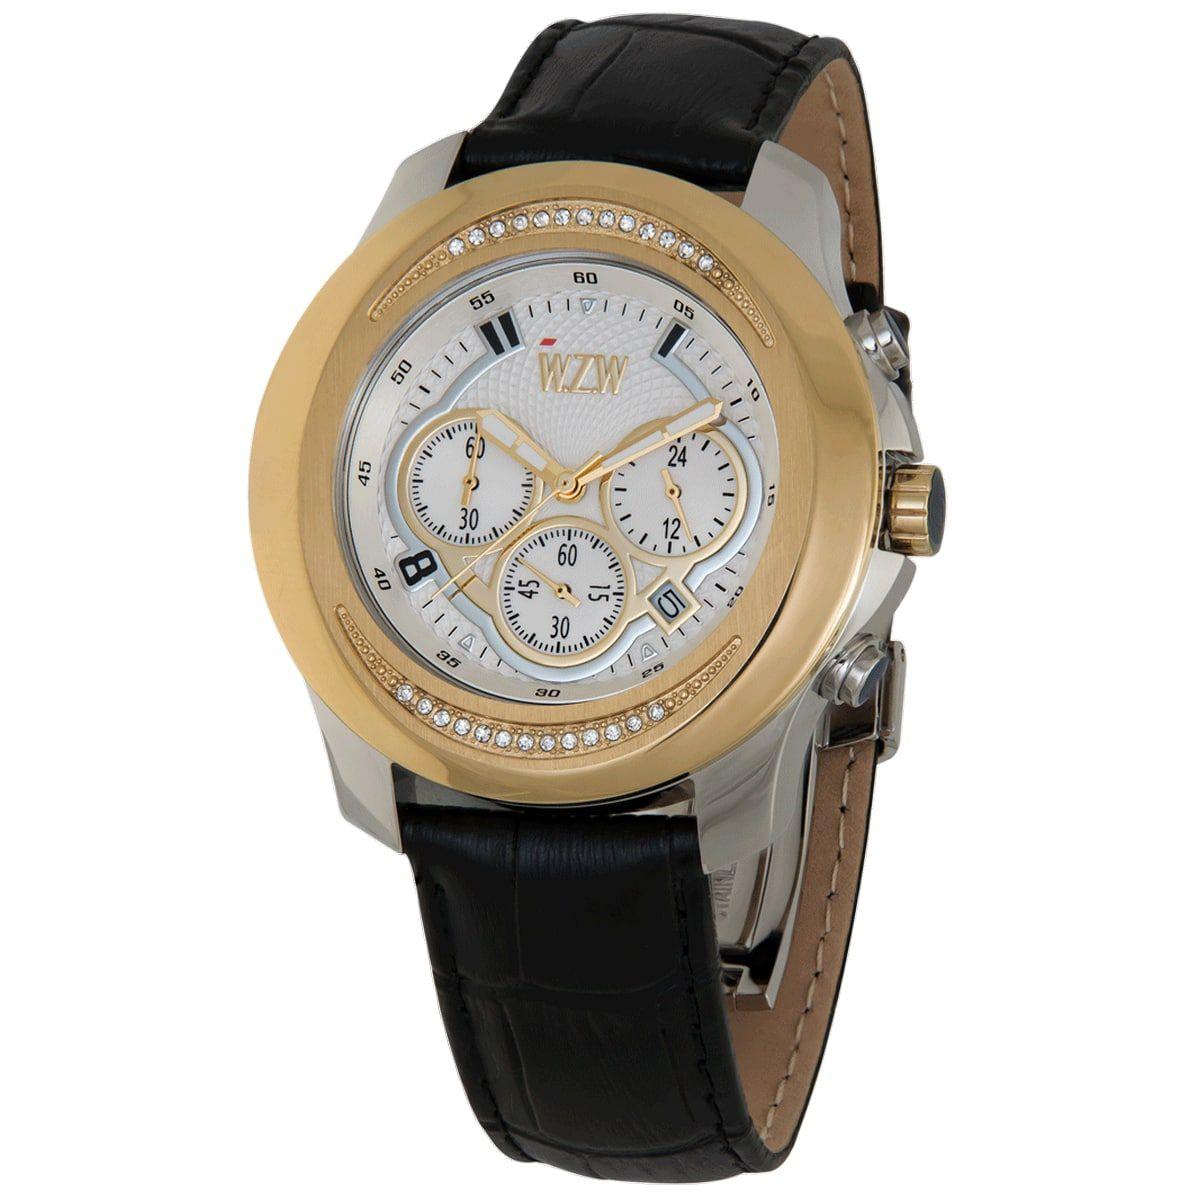 Relógio W.Z.W Feminino Couro Cronógrafo Multi Função WZW-7266